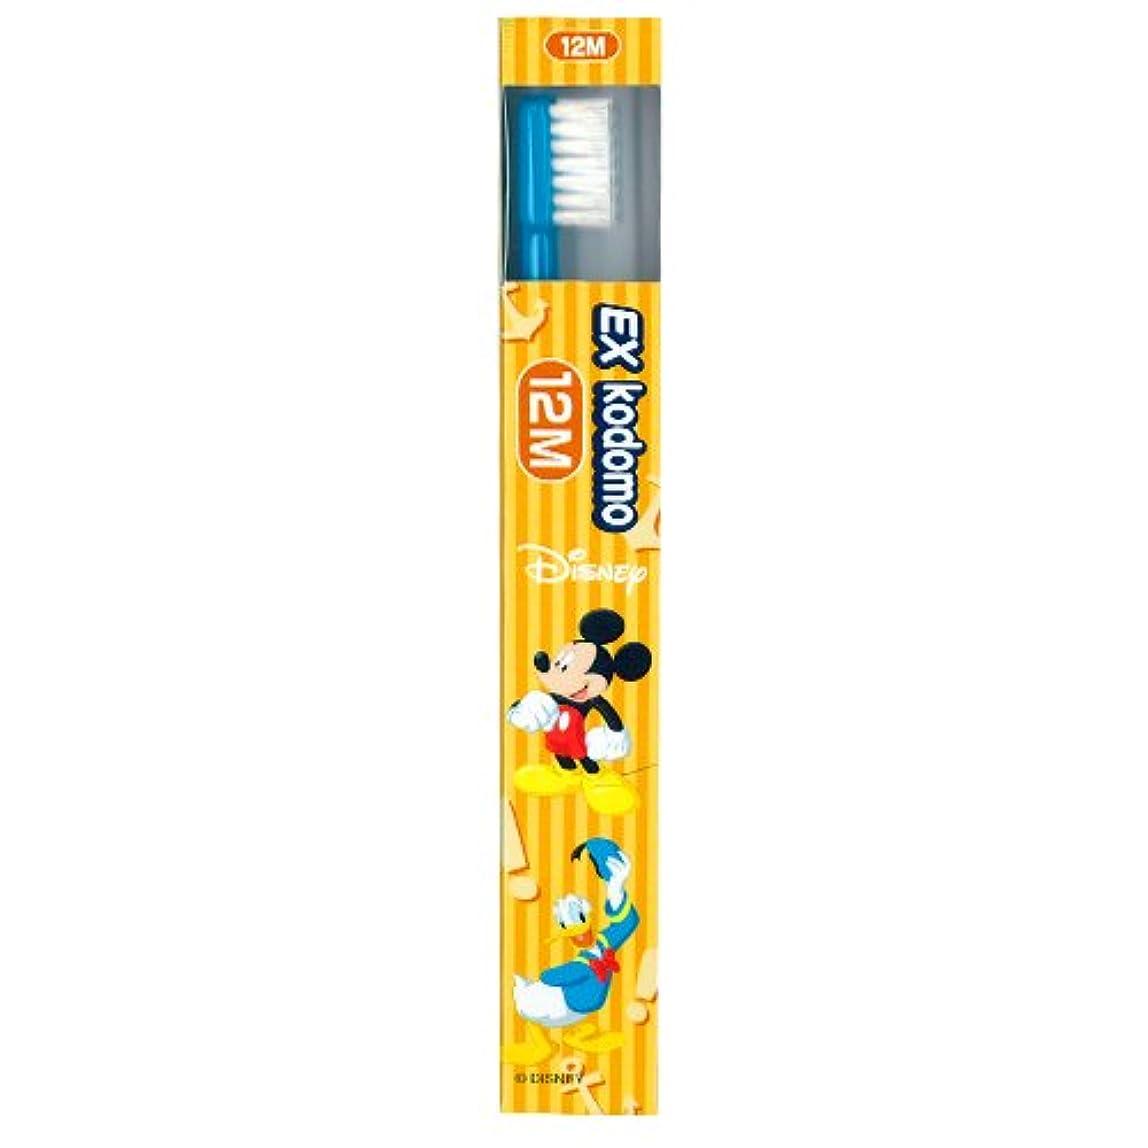 臭い陰謀満州ライオン EX kodomo ディズニー 歯ブラシ 1本 12M ブルー